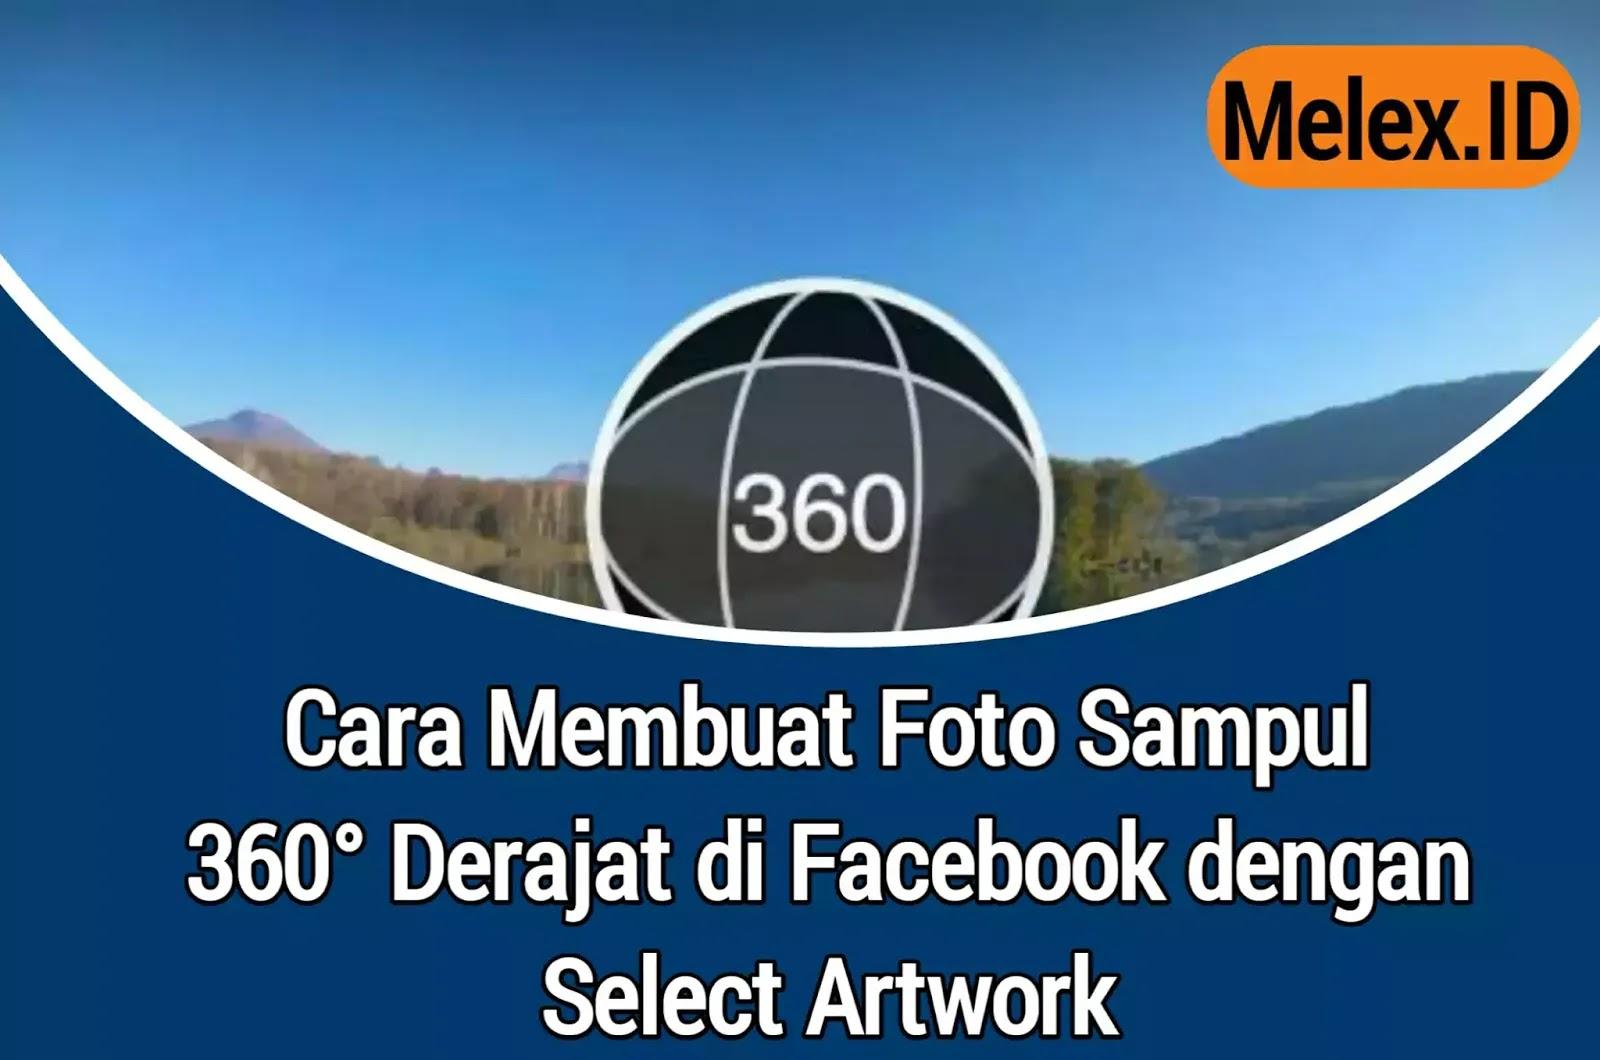 Cara Membuat Foto Sampul Facebook 360 Derajat Canggih Bro Melex Id